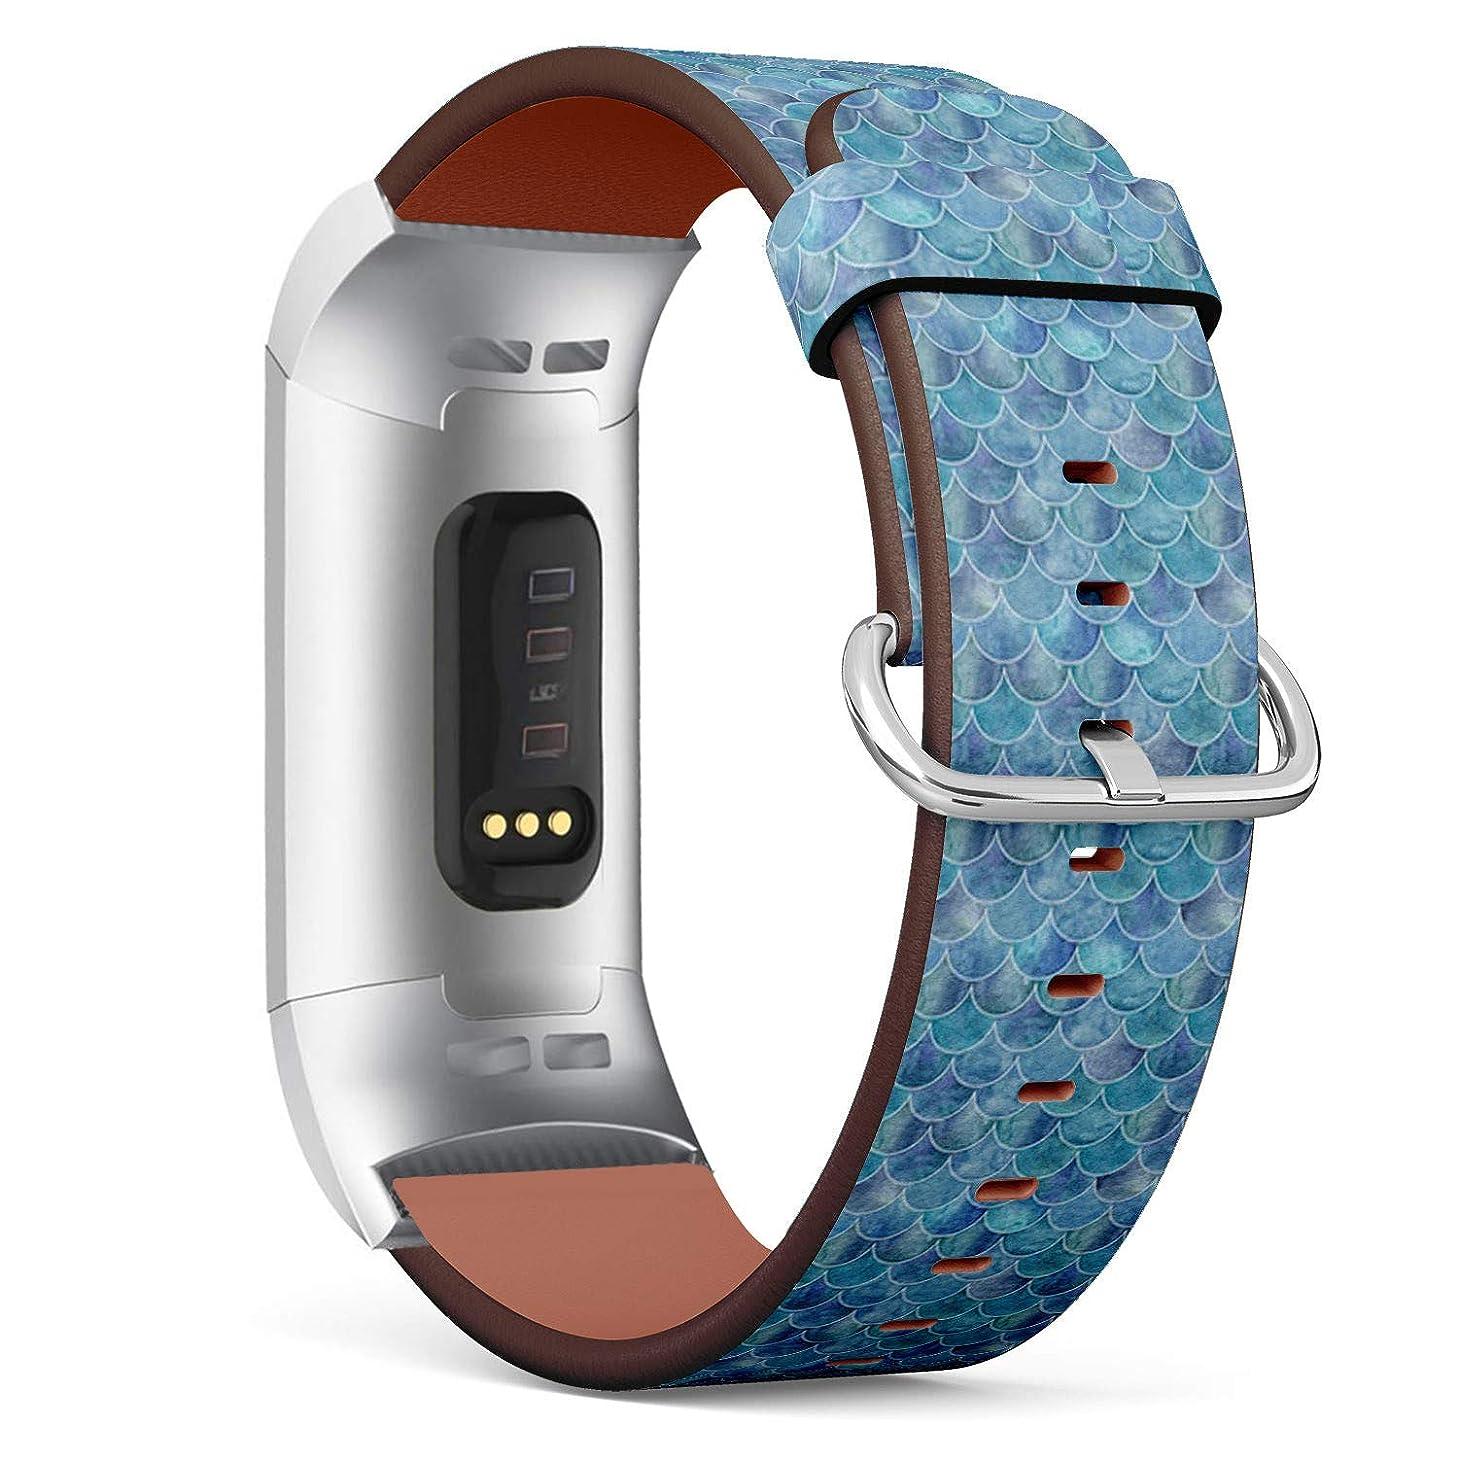 大学思想教授コンパチブル Fitbit Charge 3 / Charge 3 SE - 本革レザーストラップ, 向けのバンド交換ストラップです コンパチブル アップルウォッチ バンド (釣りルアー)